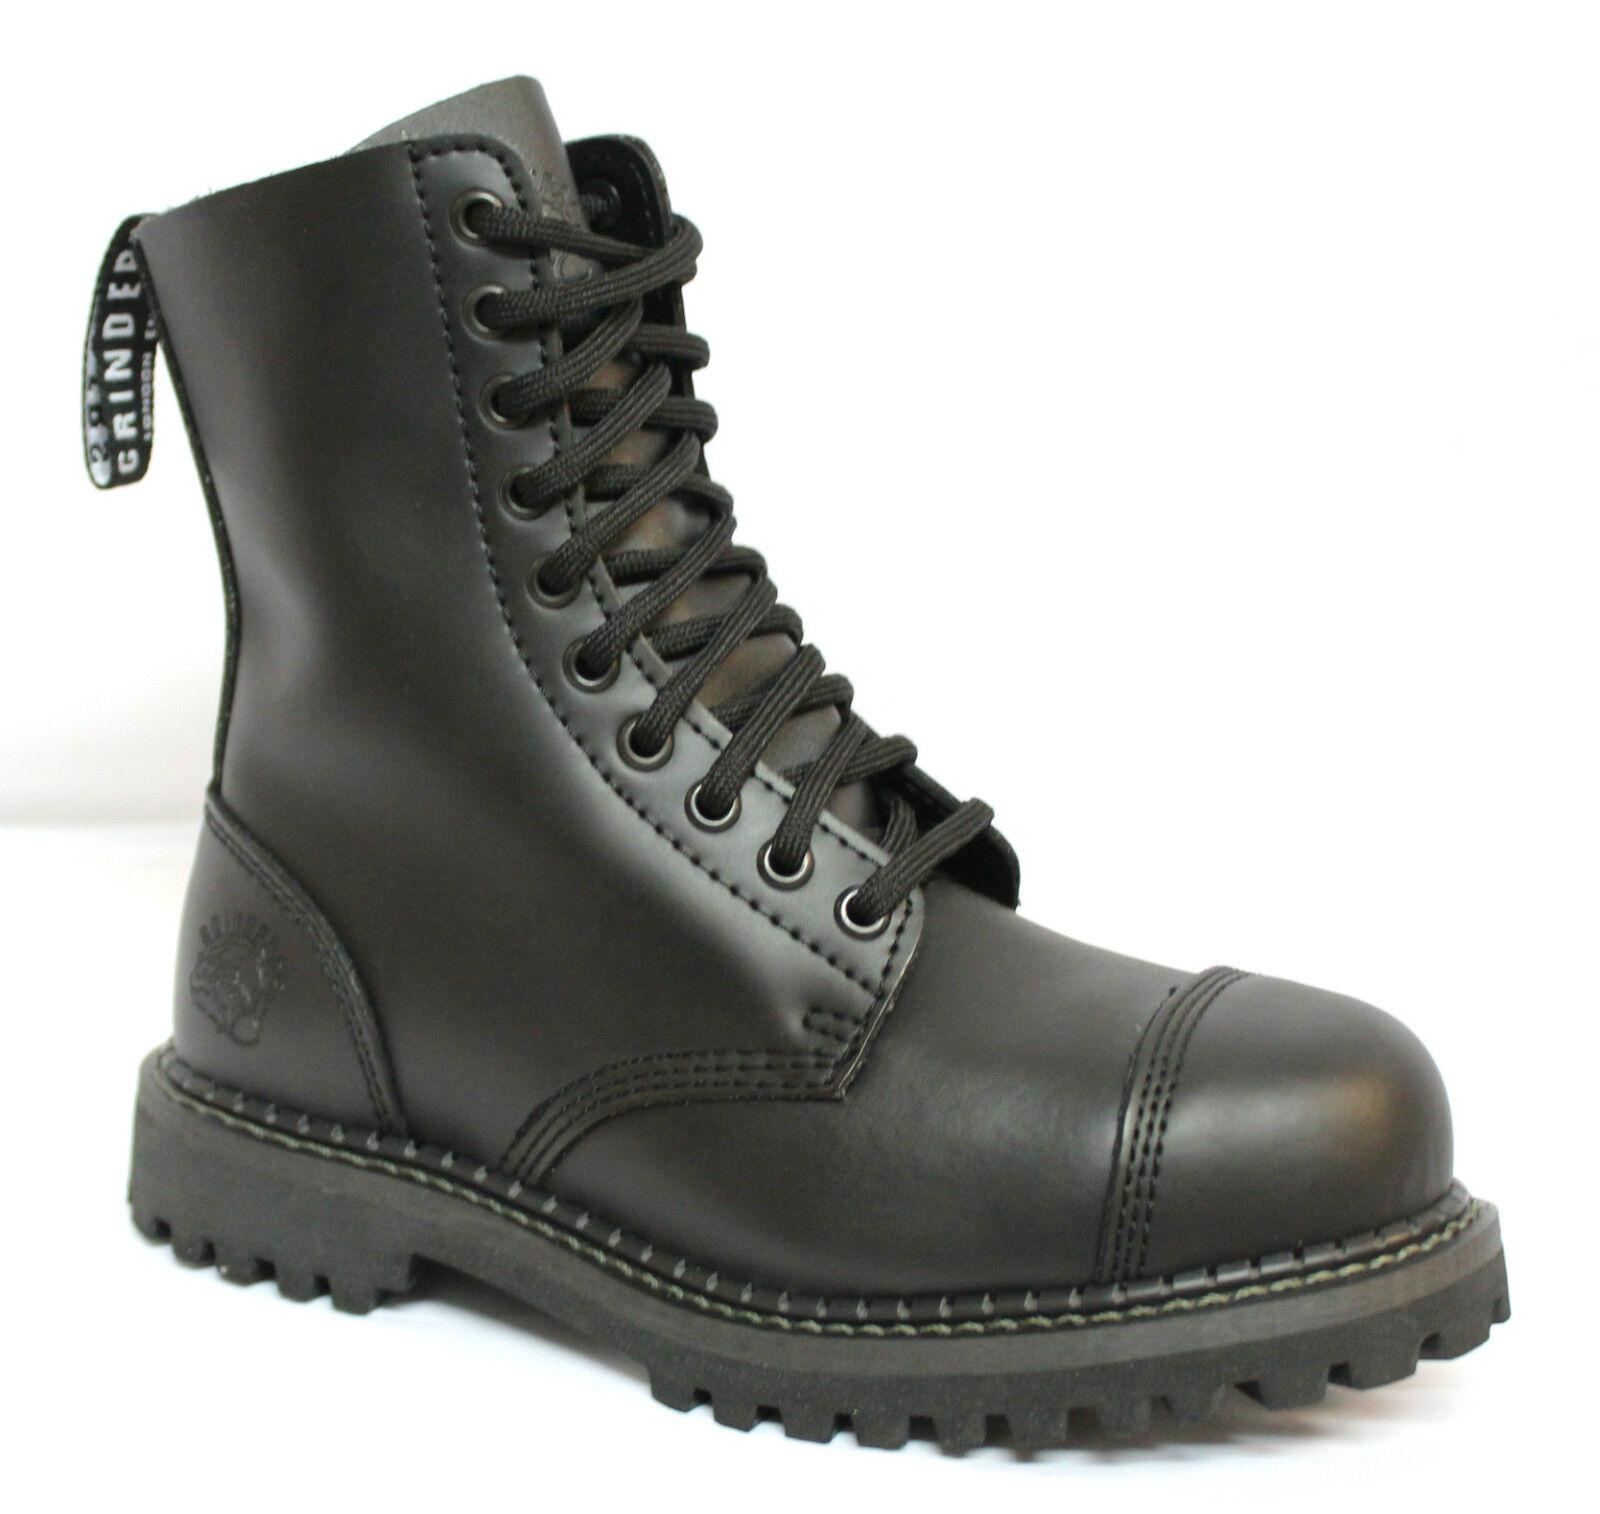 Grinders Schwarz Unisex 100% Punk Leder Sicherheit Stahlkappe Militär Punk 100% Stiefel 5ab9bf